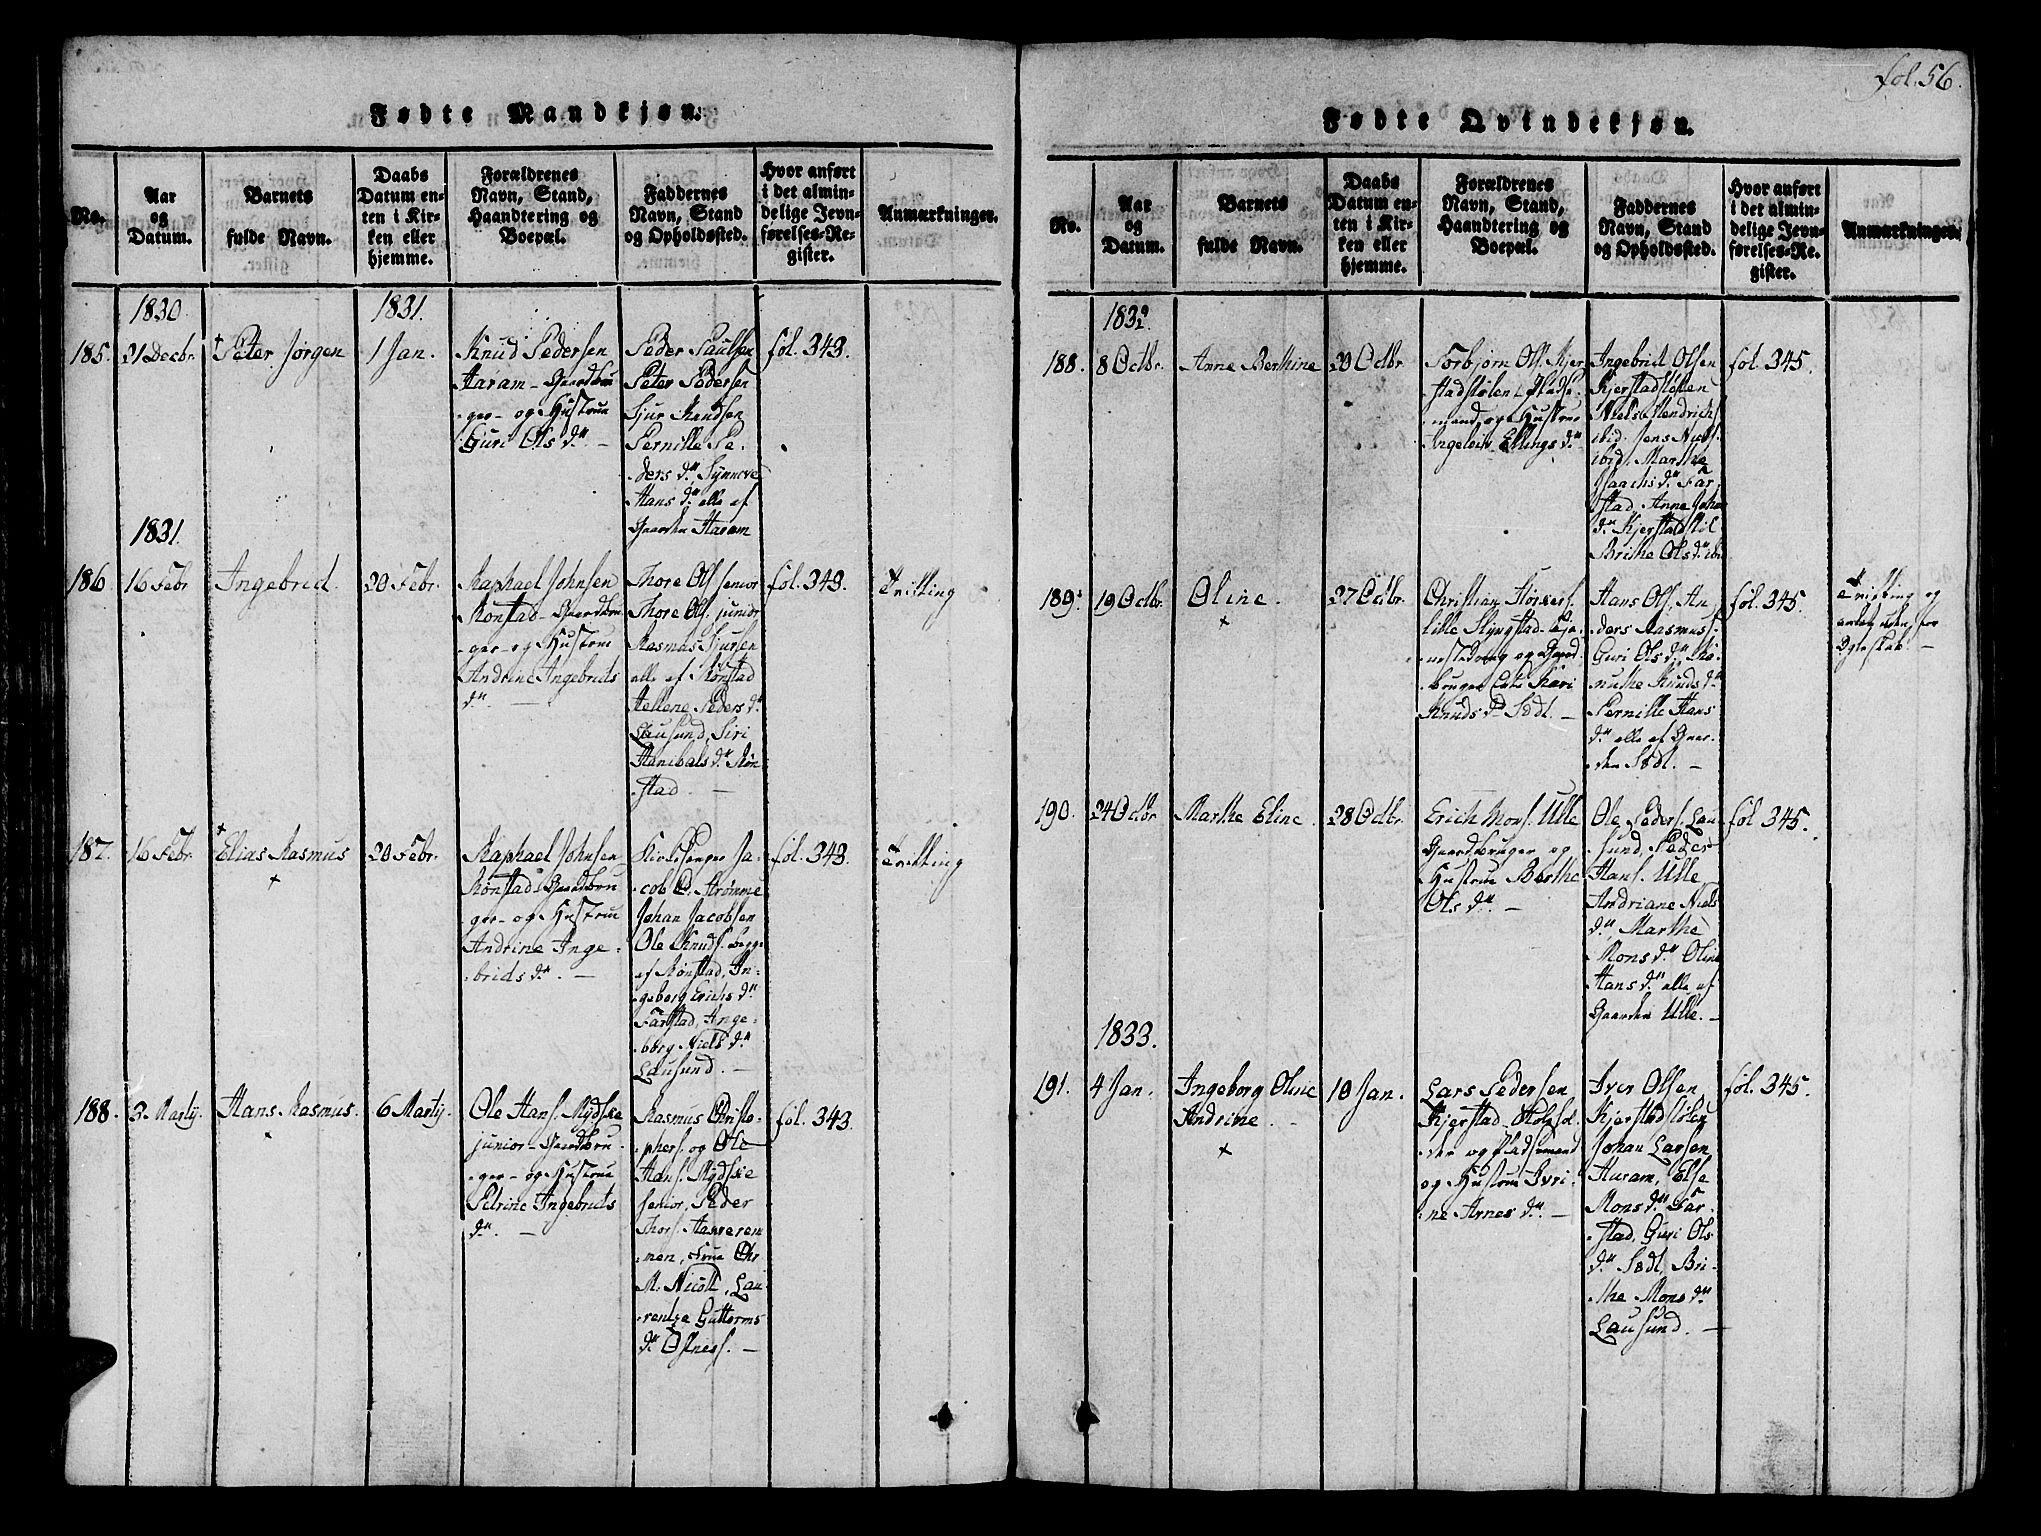 SAT, Ministerialprotokoller, klokkerbøker og fødselsregistre - Møre og Romsdal, 536/L0495: Ministerialbok nr. 536A04, 1818-1847, s. 56